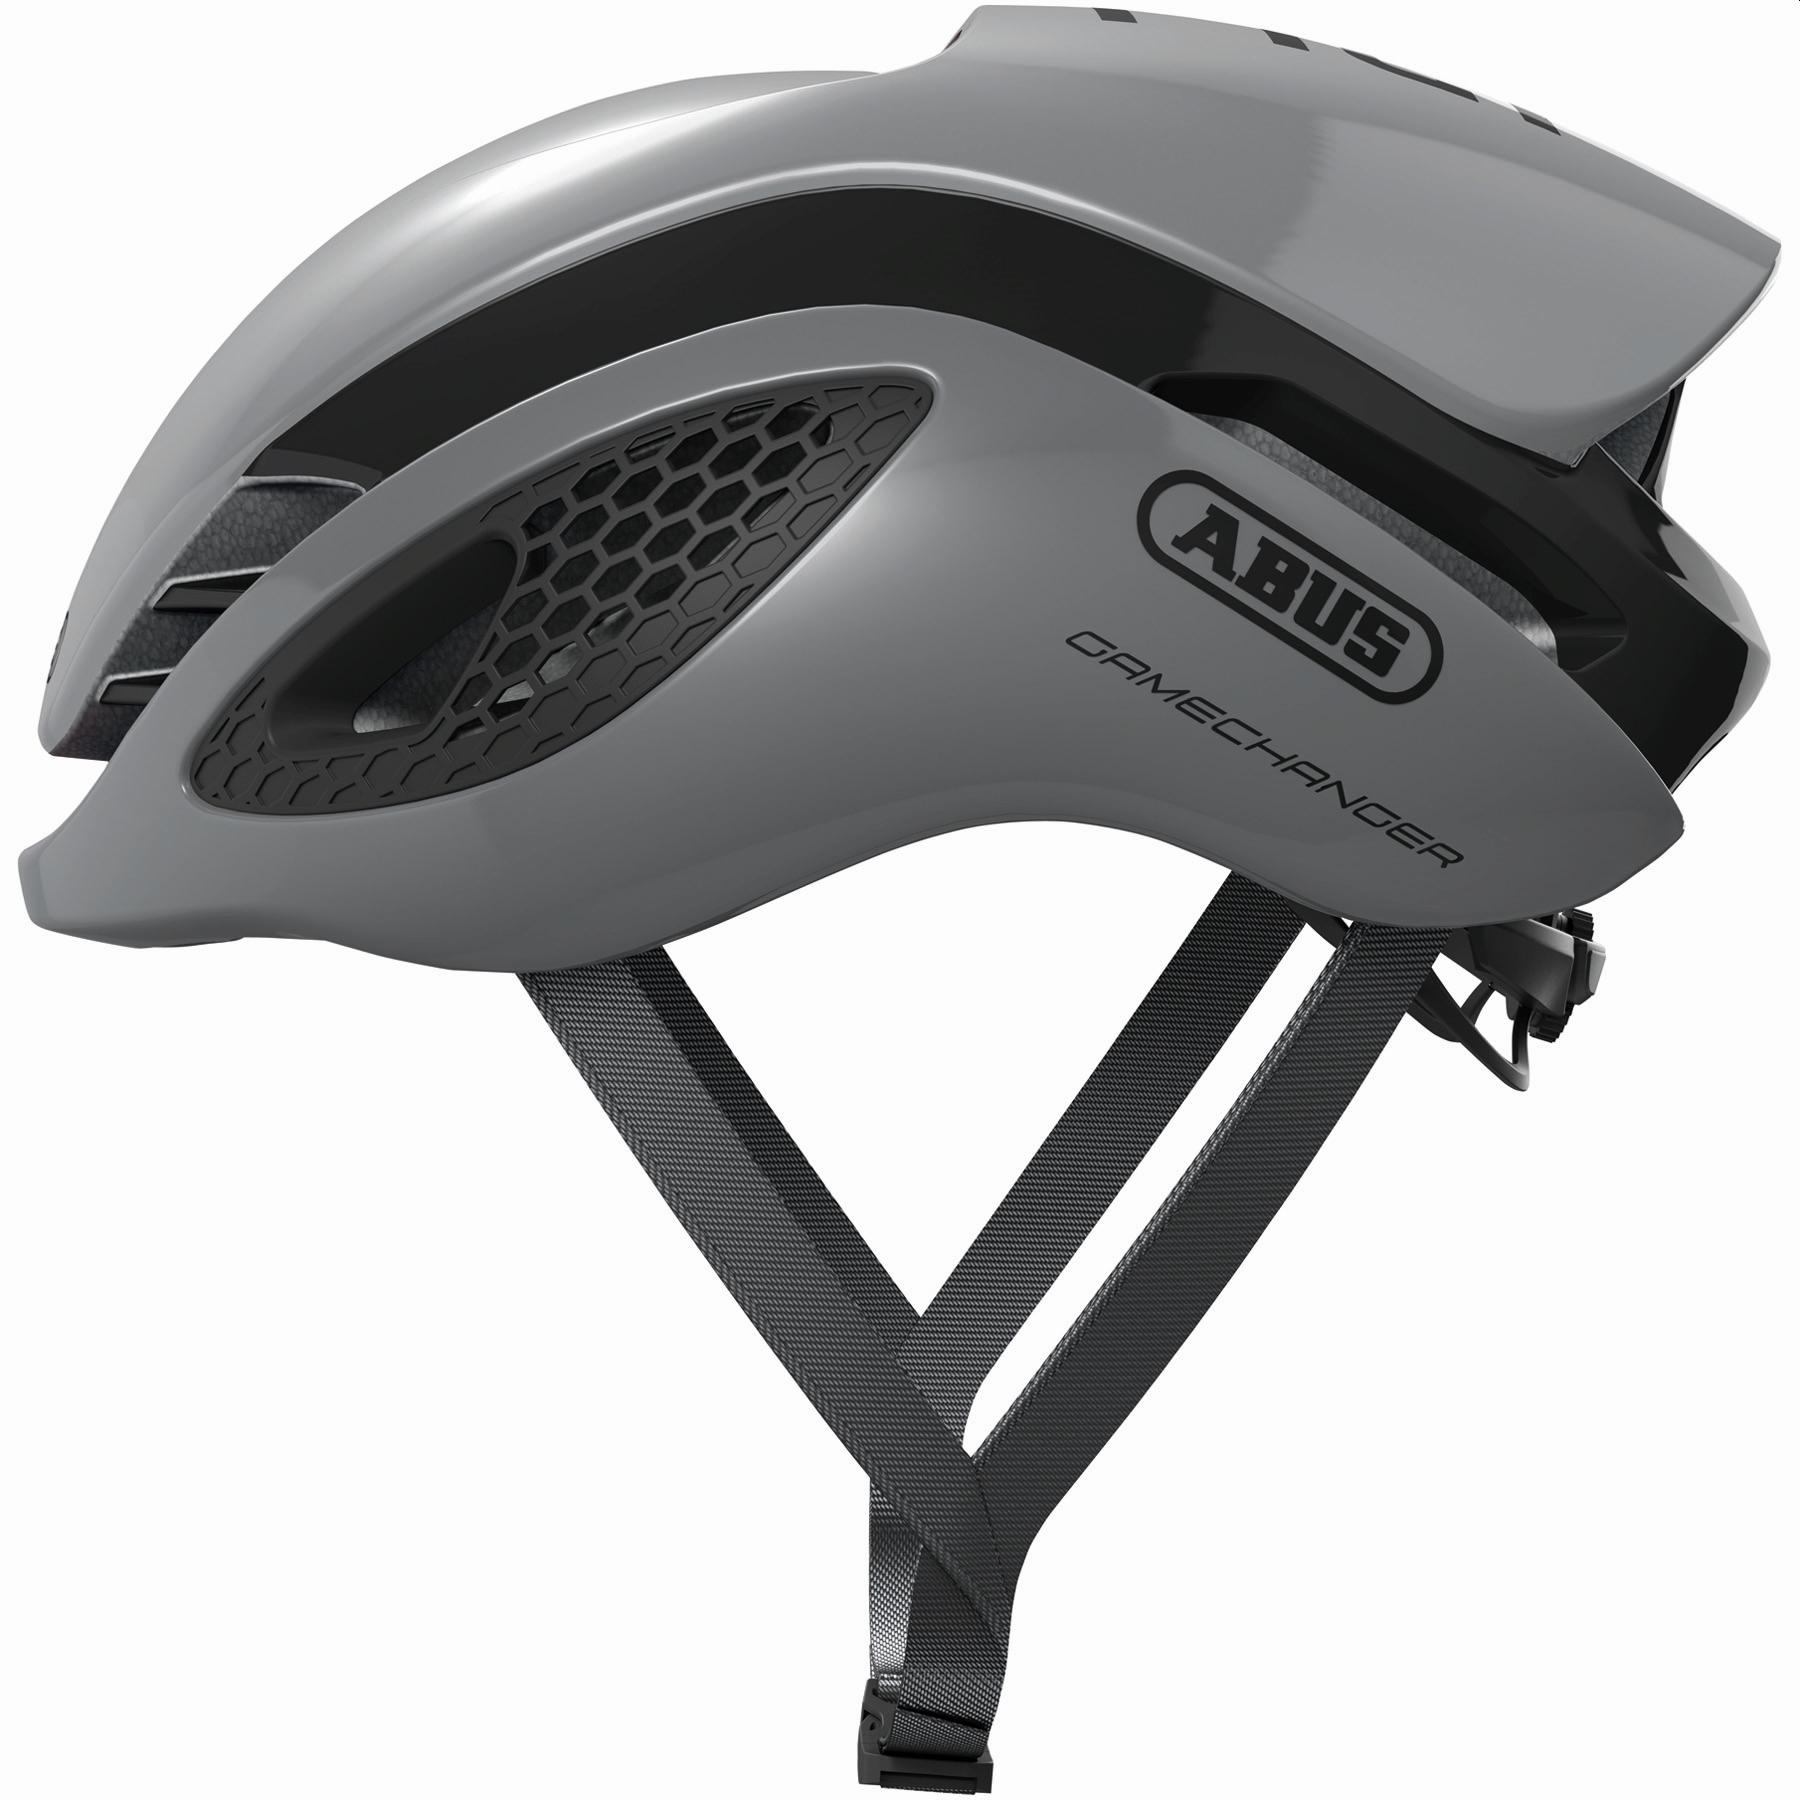 ABUS GameChanger Casco de Bicicleta - race grey